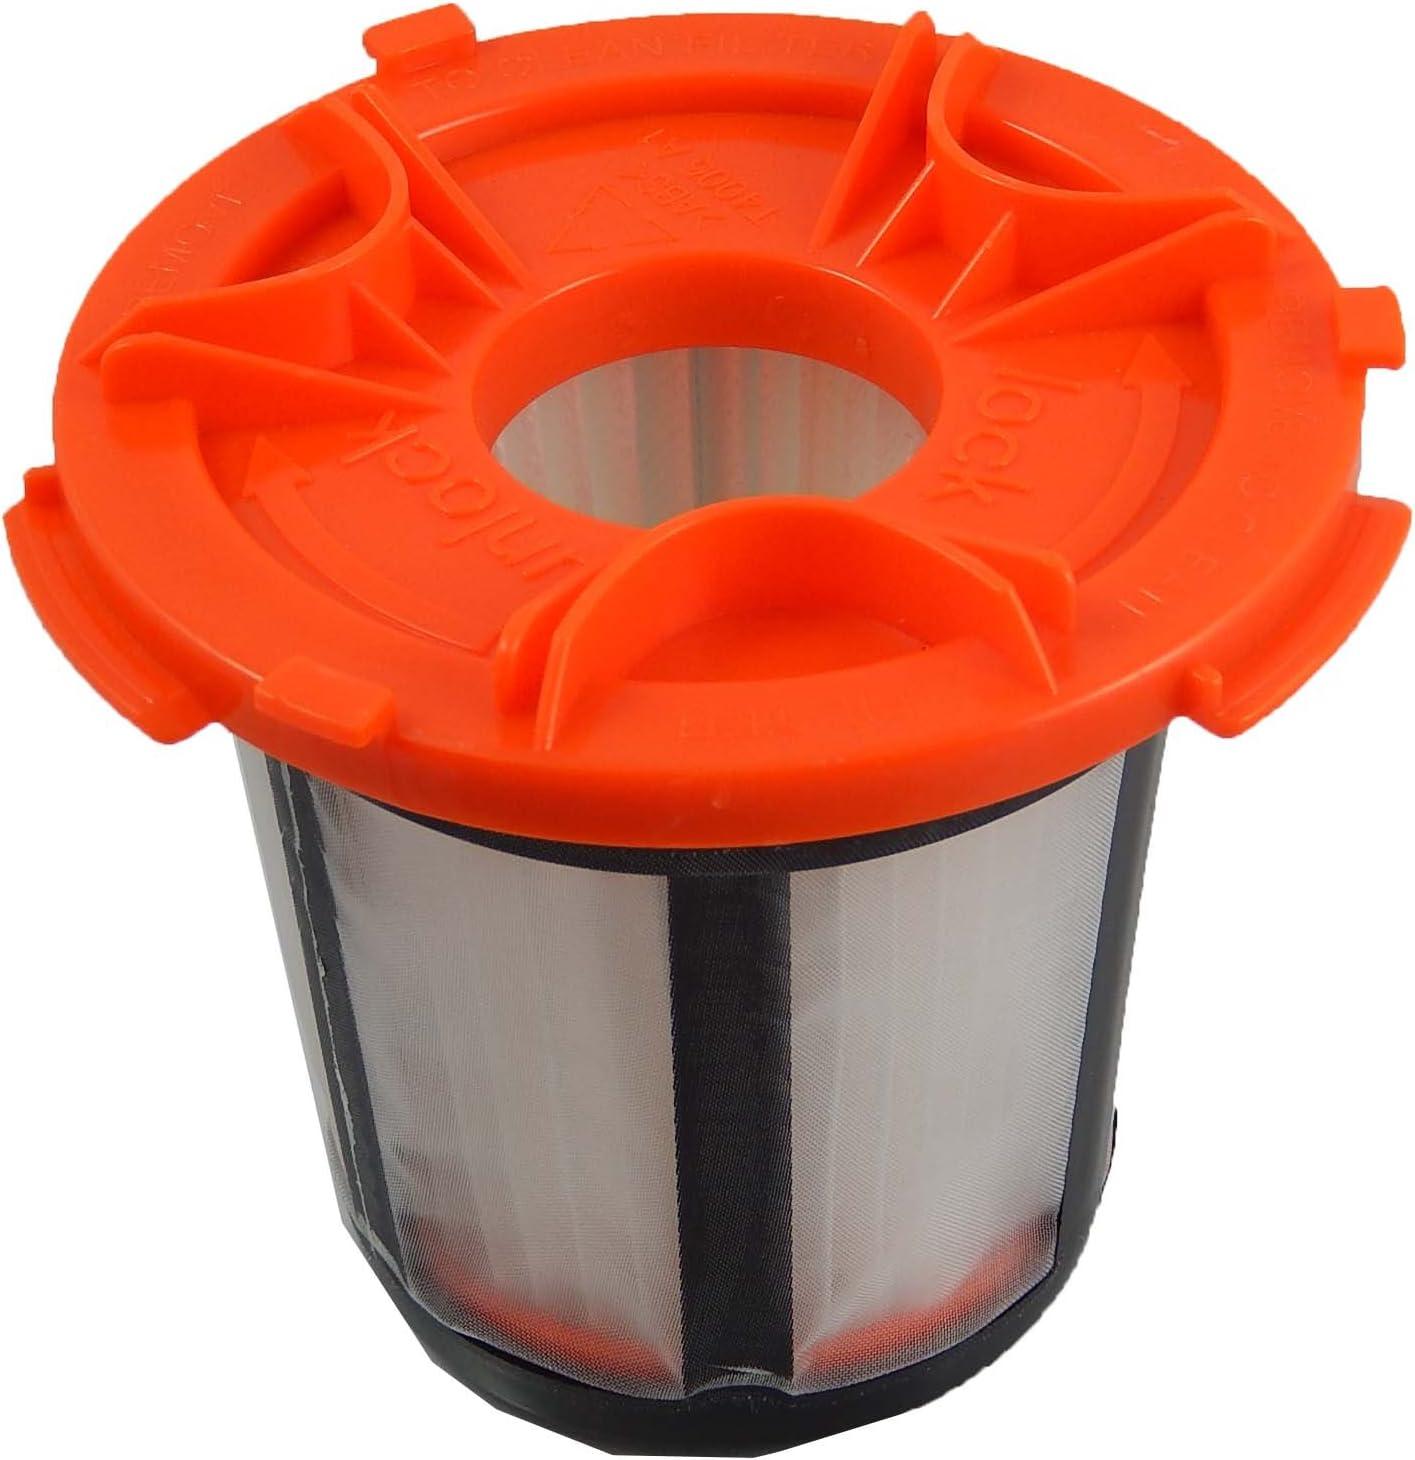 vhbw Filtro compatible con AEG Viva Flash AE 7340, AE 7345, AE 7380 aspiradora filtro Hepa: Amazon.es: Hogar